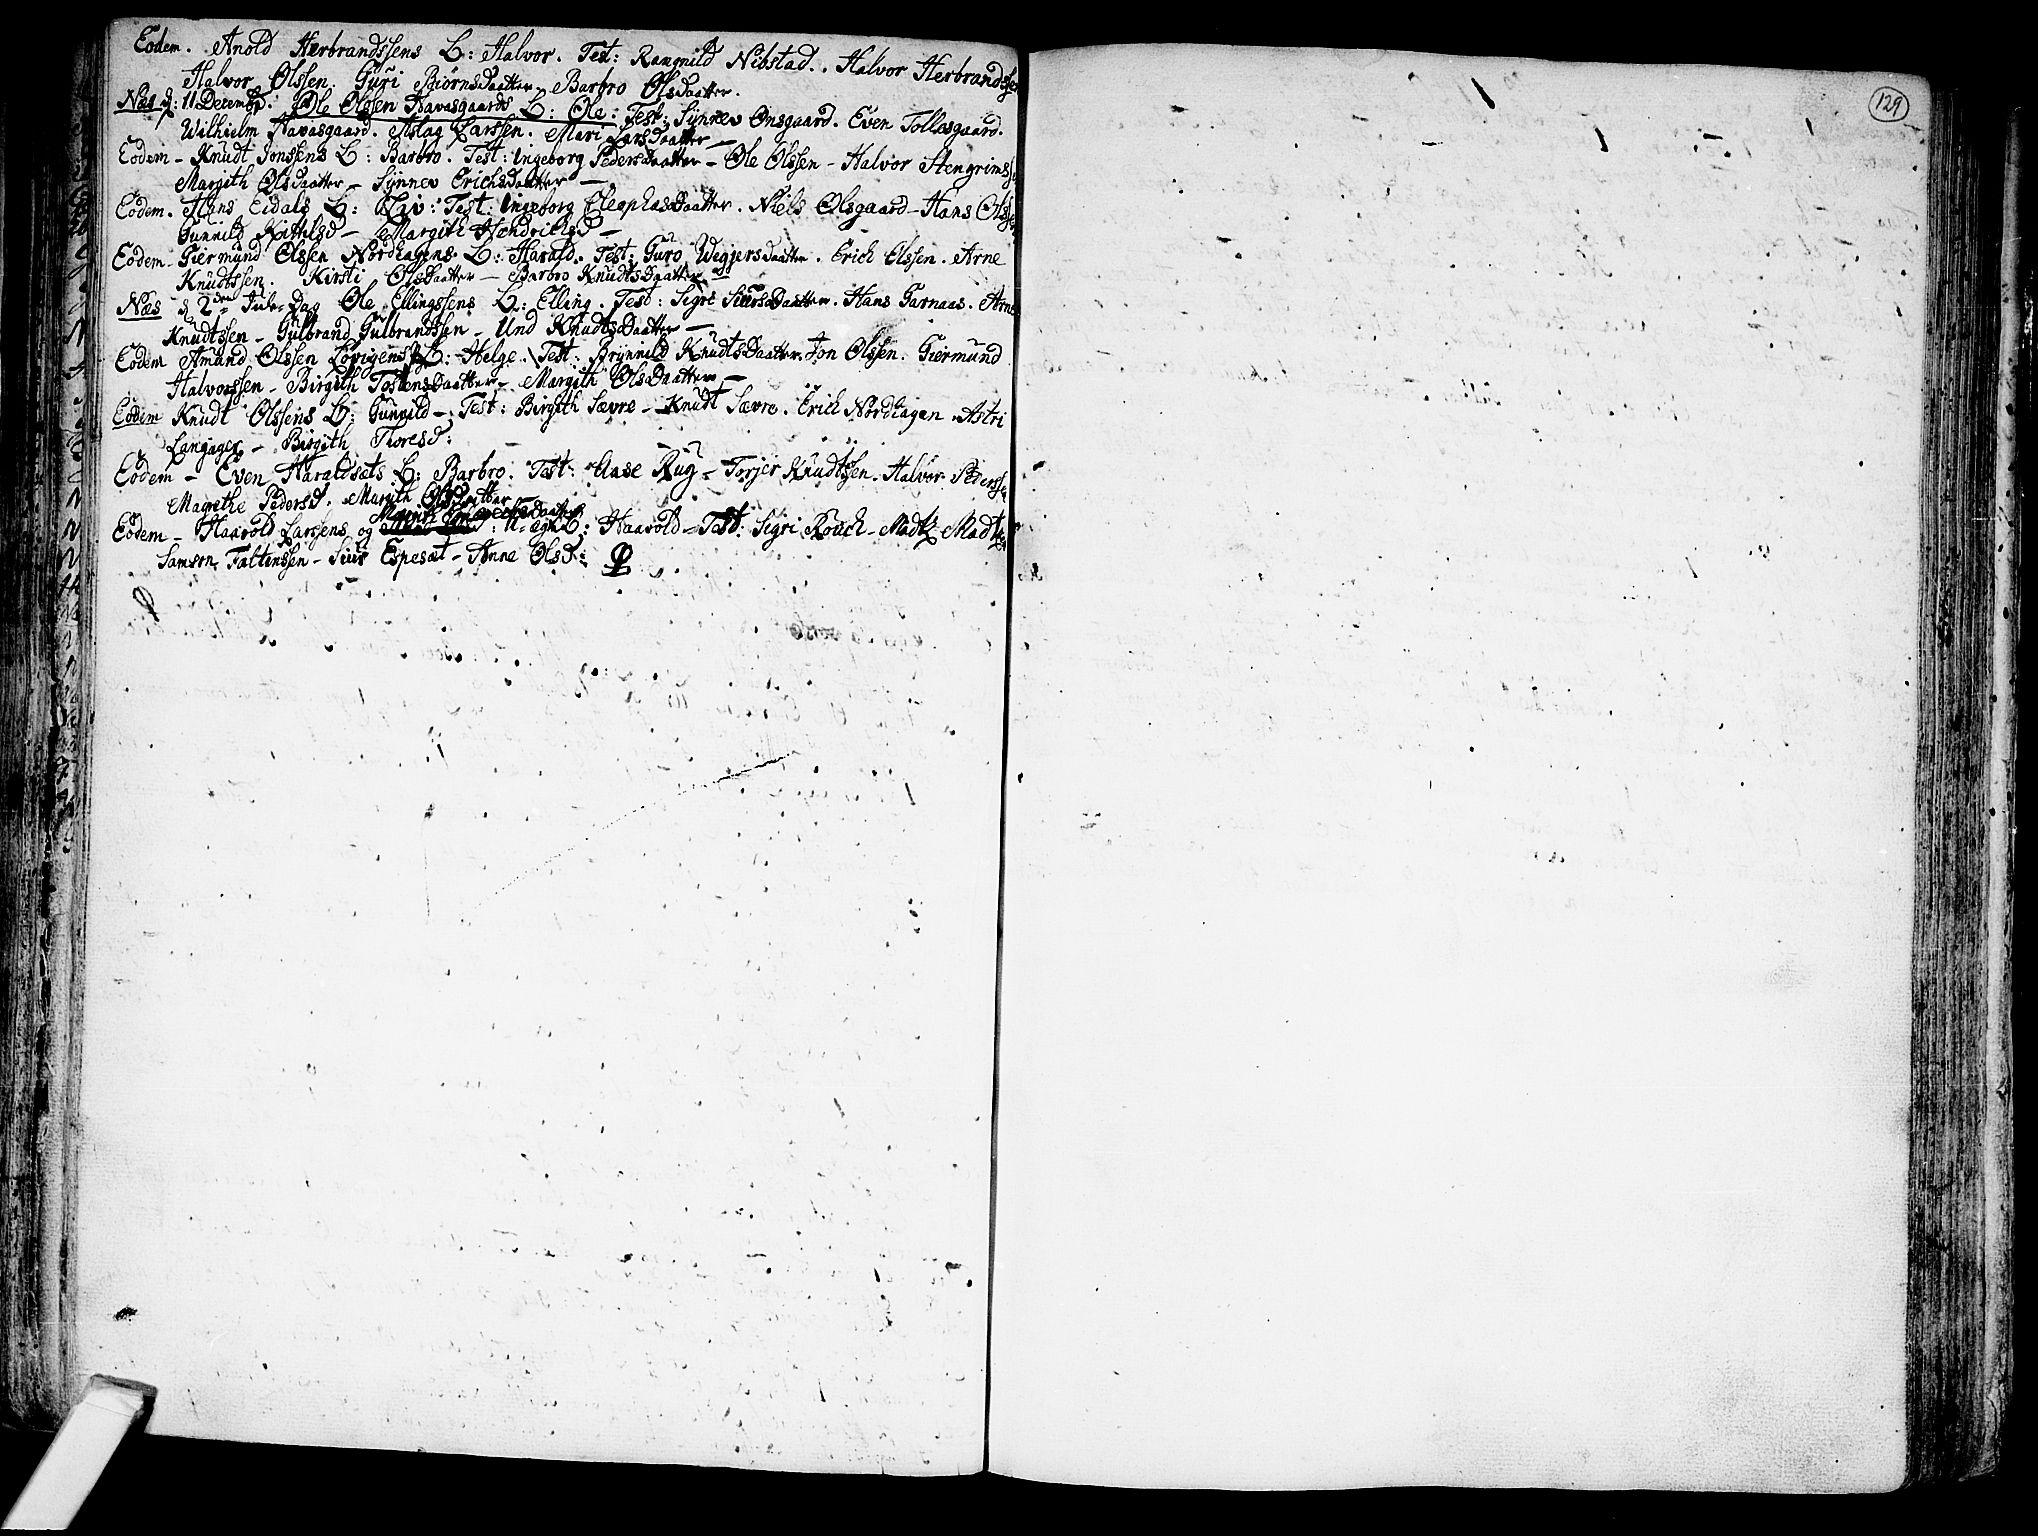 SAKO, Nes kirkebøker, F/Fa/L0002: Ministerialbok nr. 2, 1707-1759, s. 129